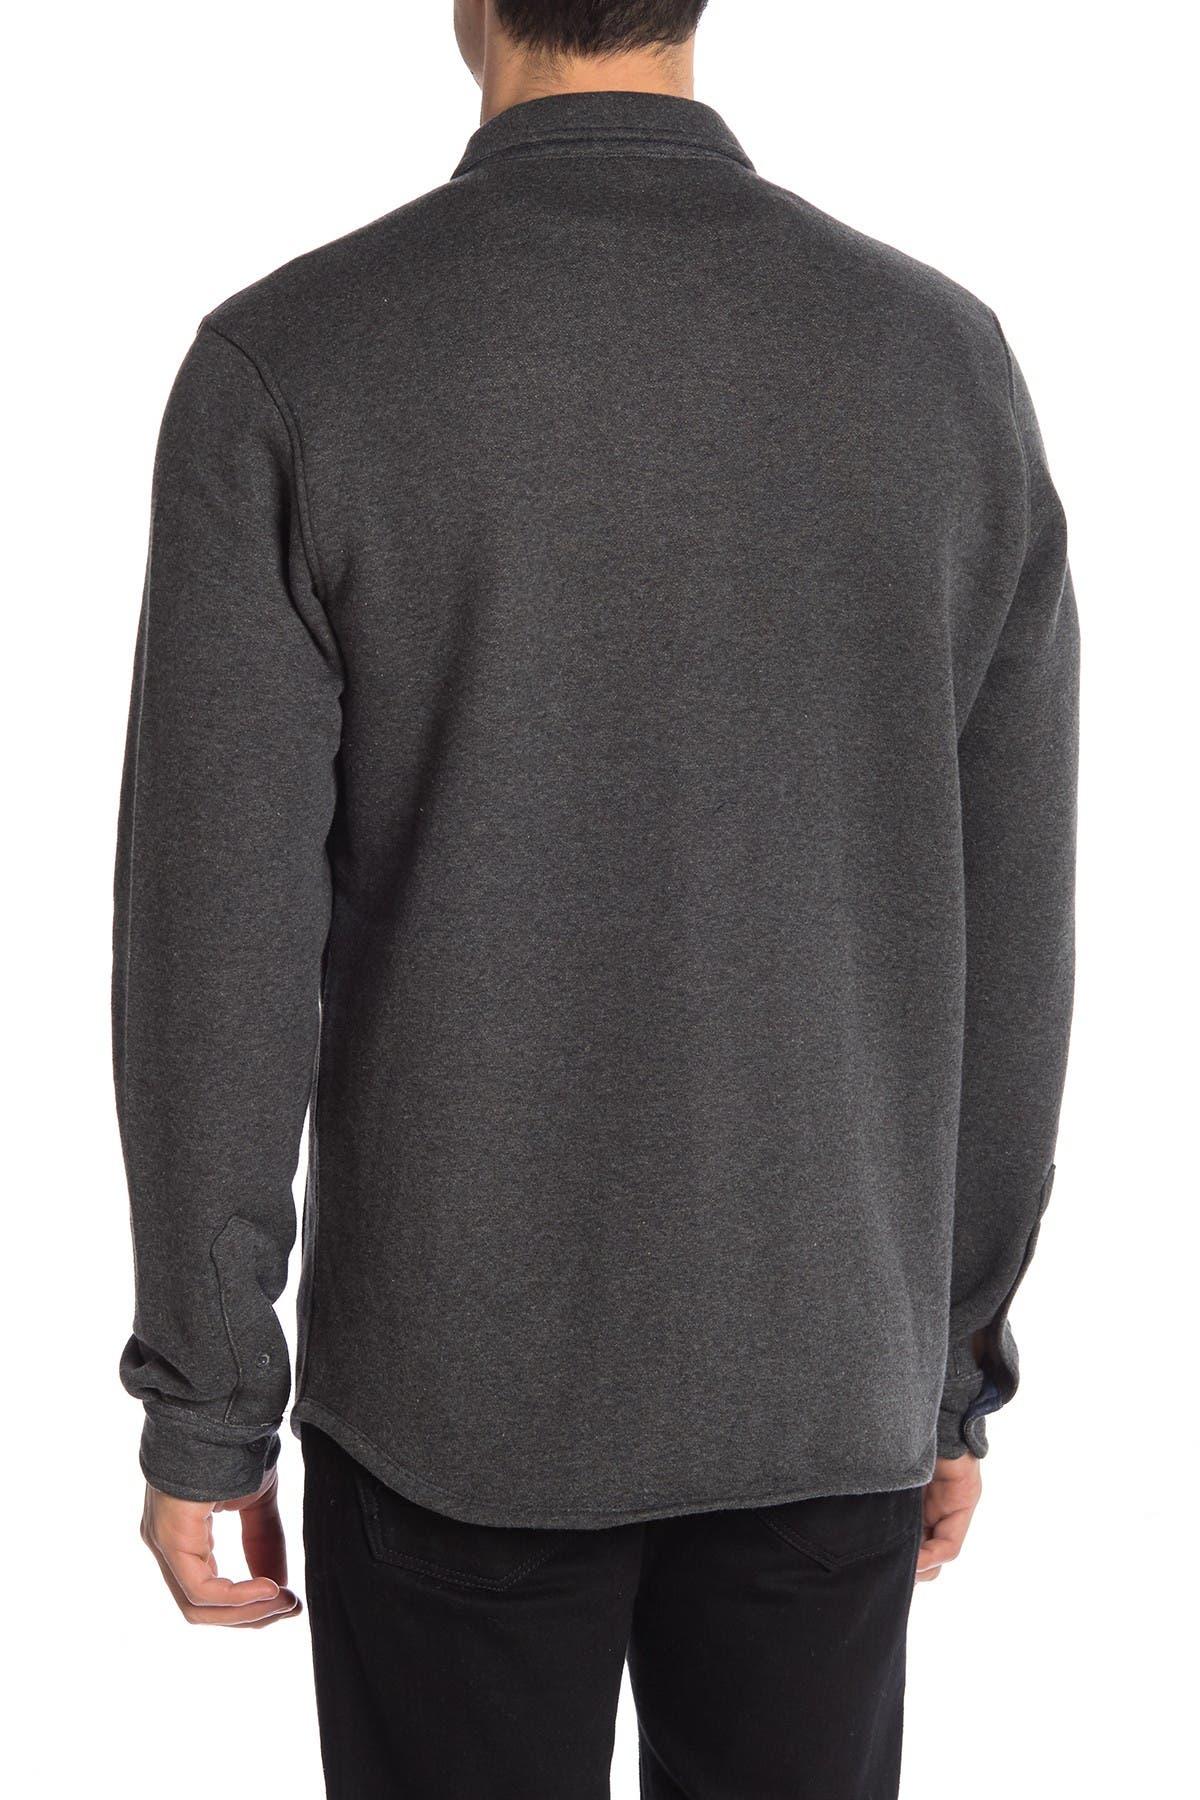 Image of Tailor Vintage Fleece Lined Shirt Jacket